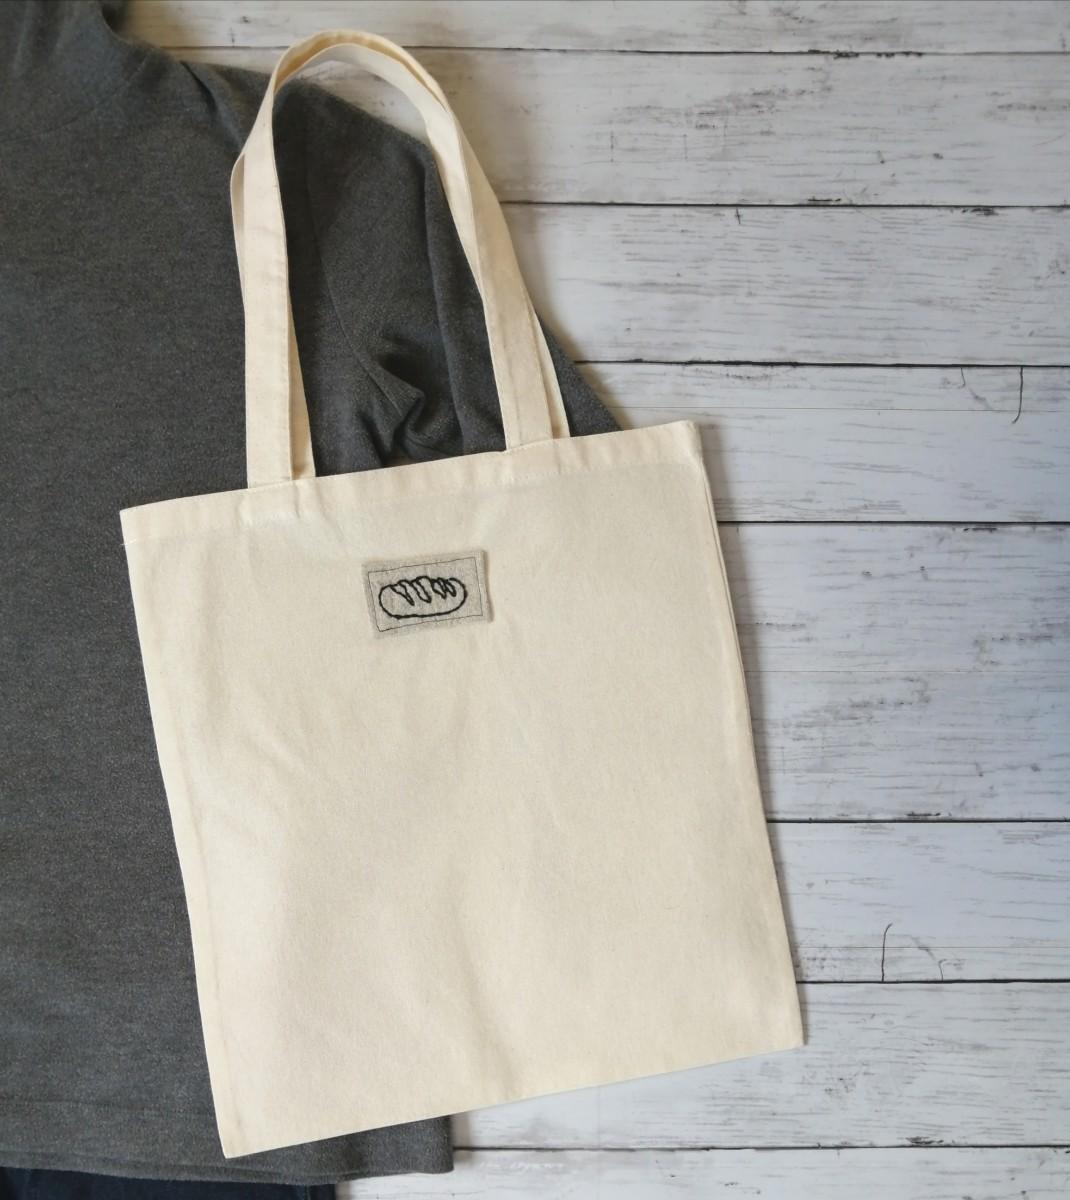 ハンドメイド 黒パン ワッペン 手縫いの刺繍 トートバッグ ショルダーバッグ